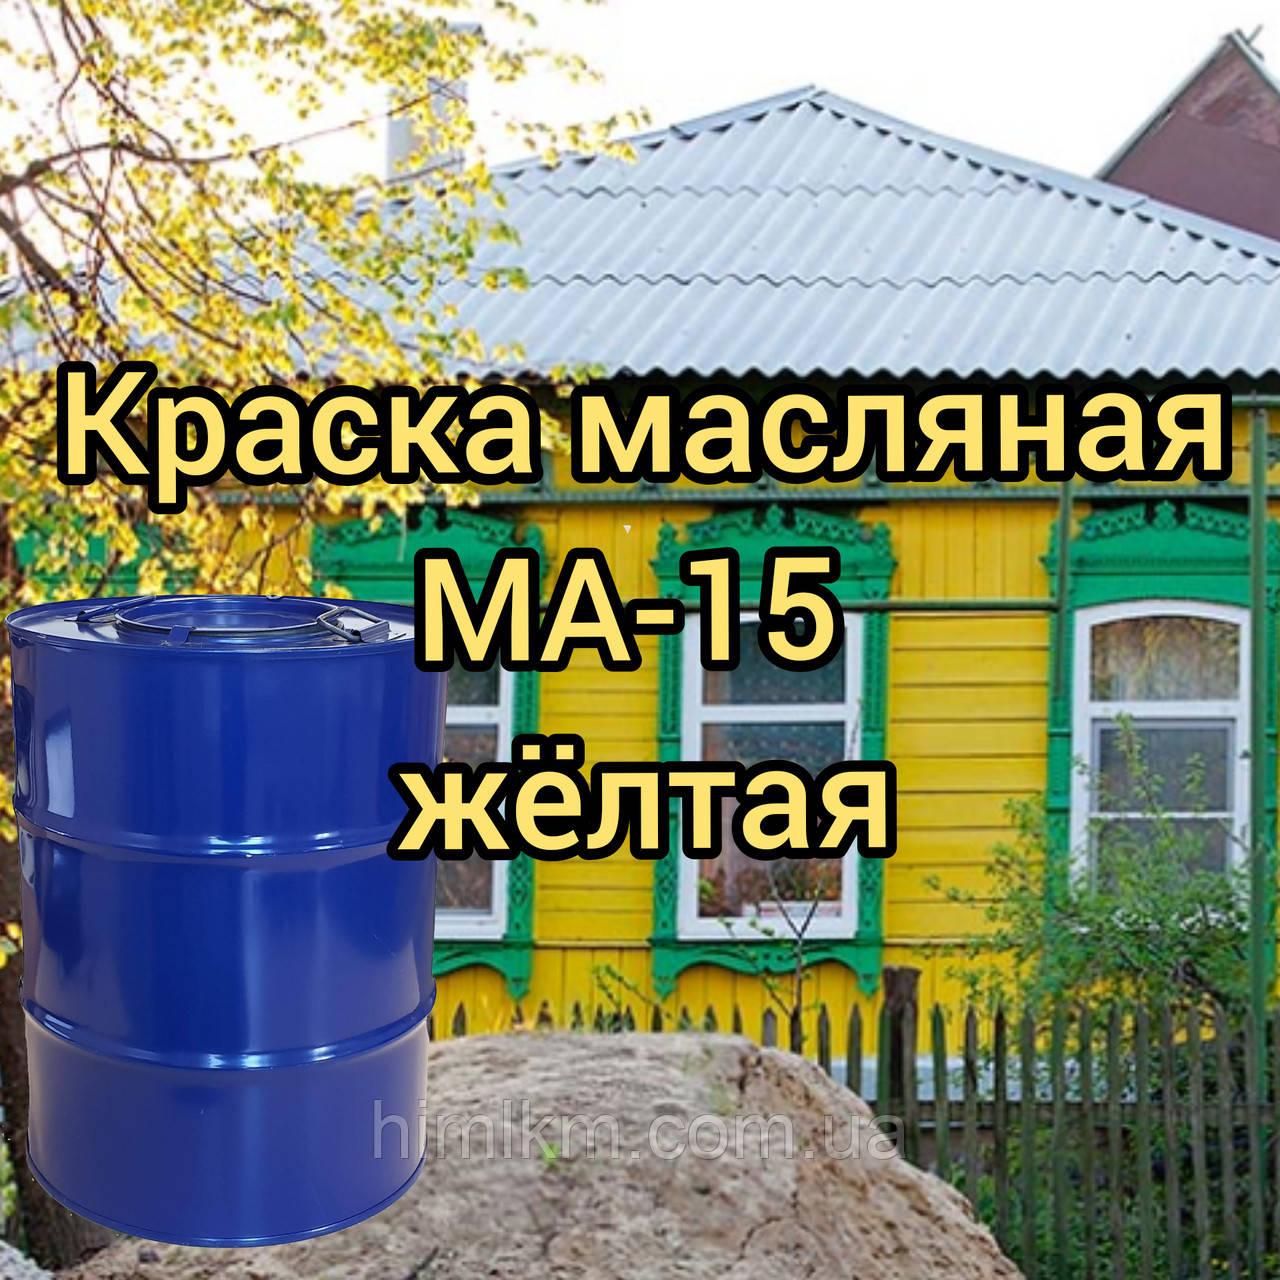 Краска масляная МА-15 желтая, 60кг